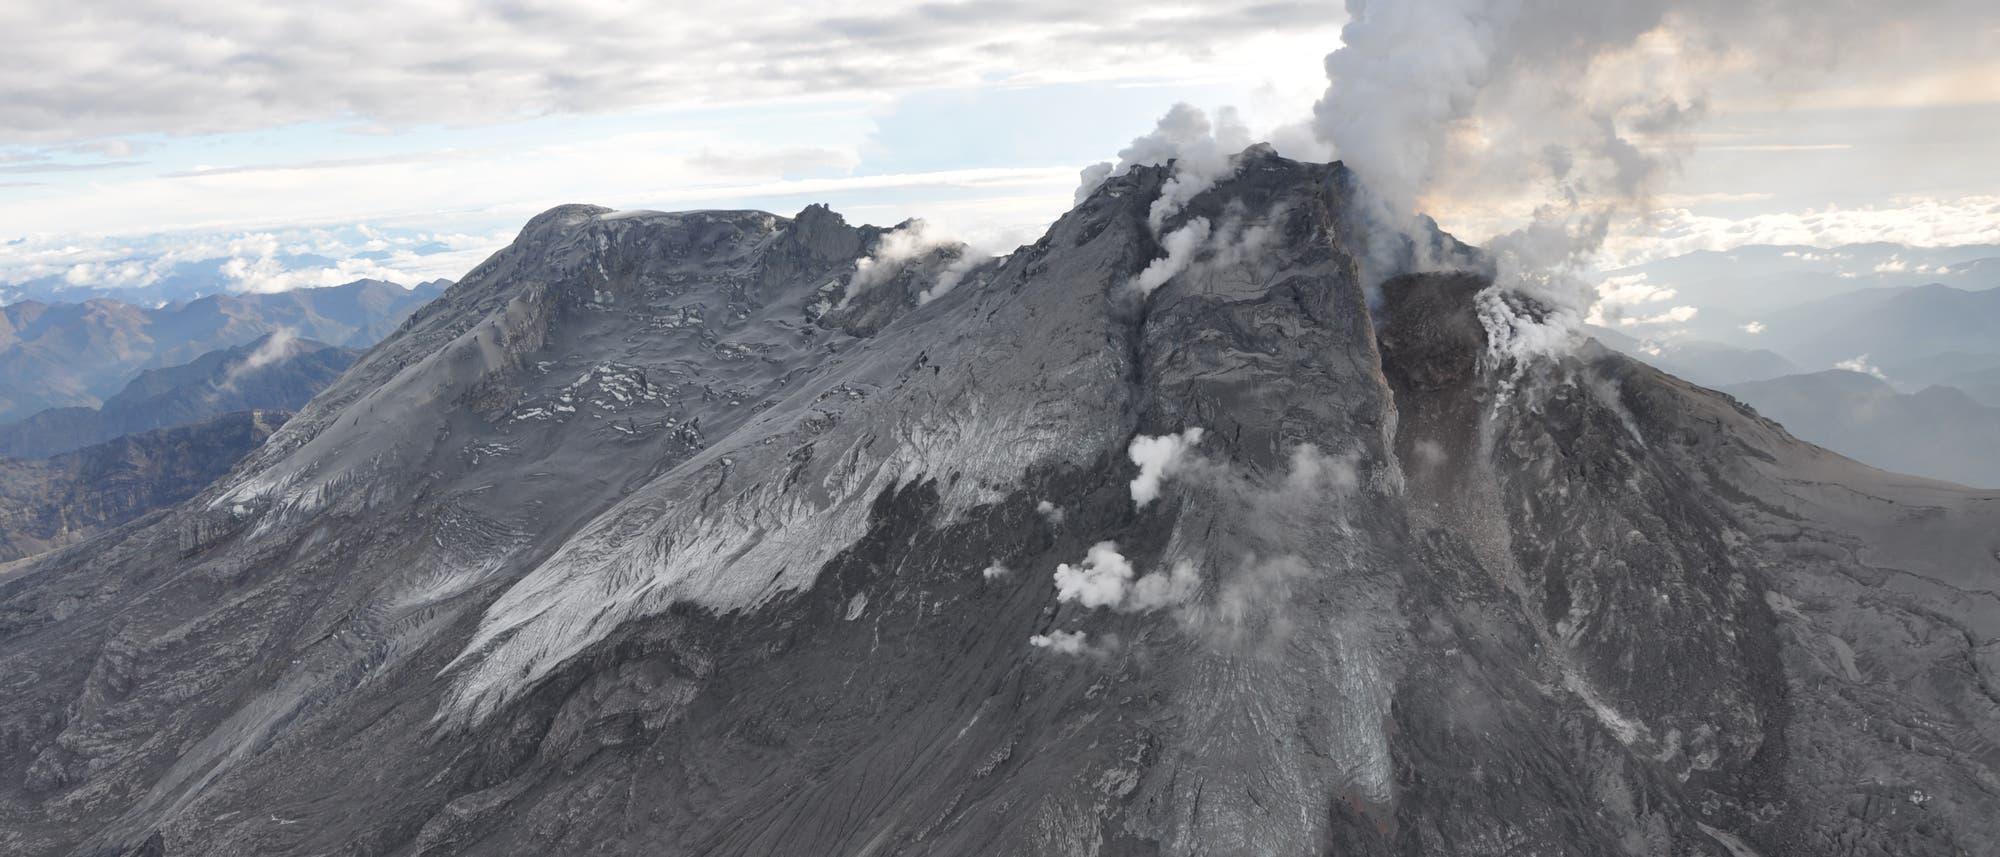 Der Vulkan Nevado del Huila in Kolumbien